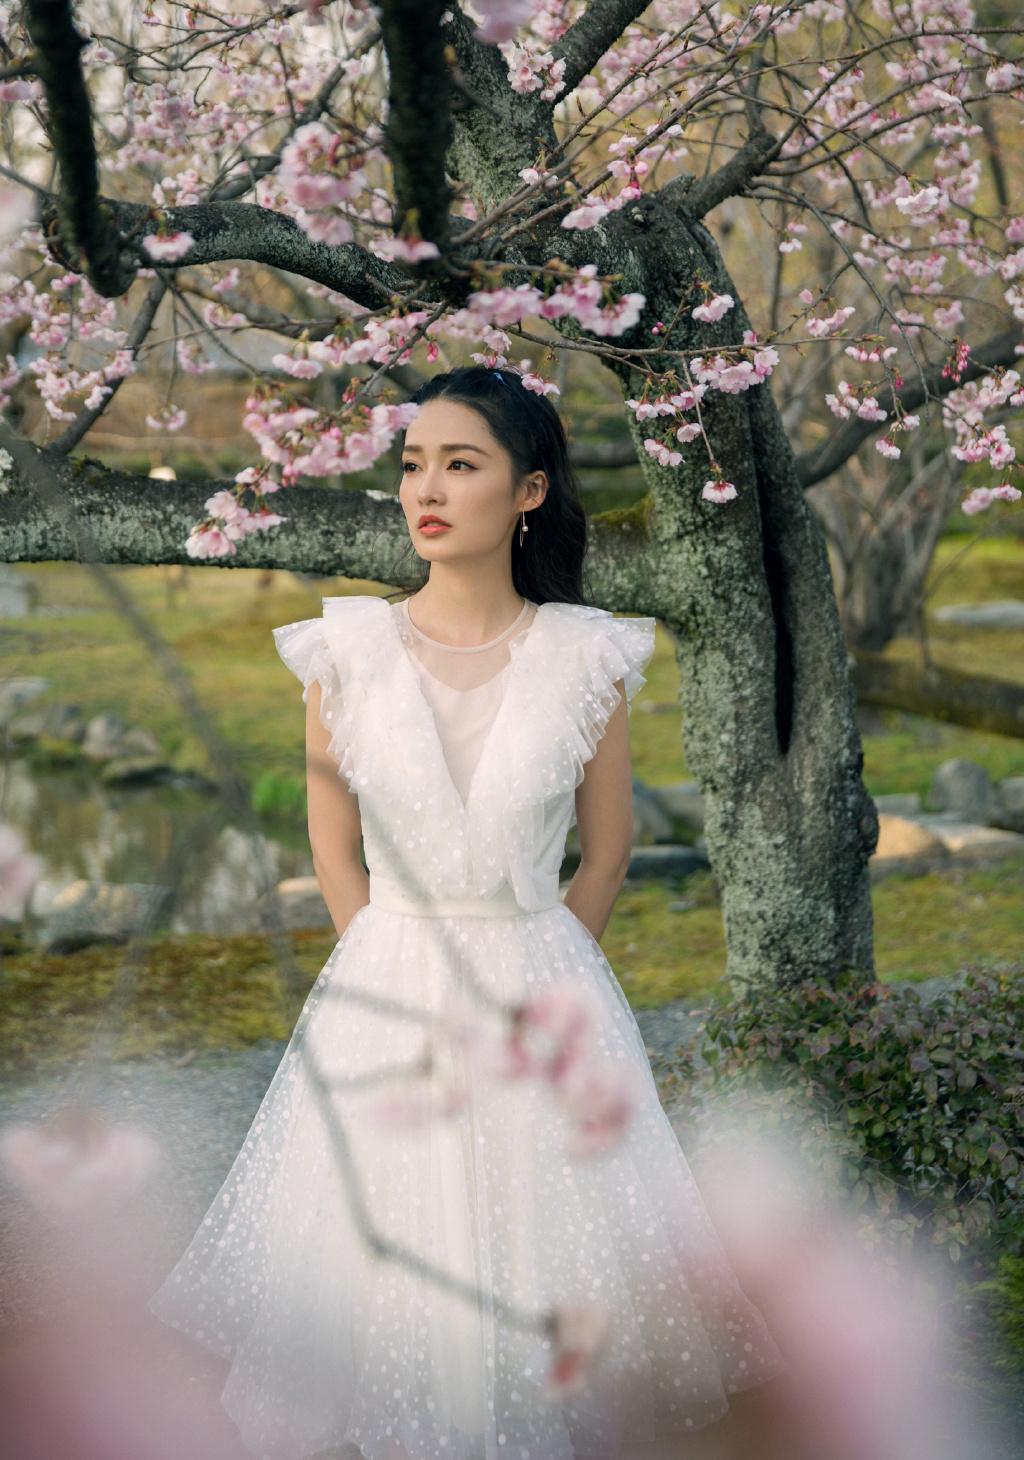 郑州到许昌_李沁身穿白纱裙与花树合影 宛若仙子 - 河南一百度